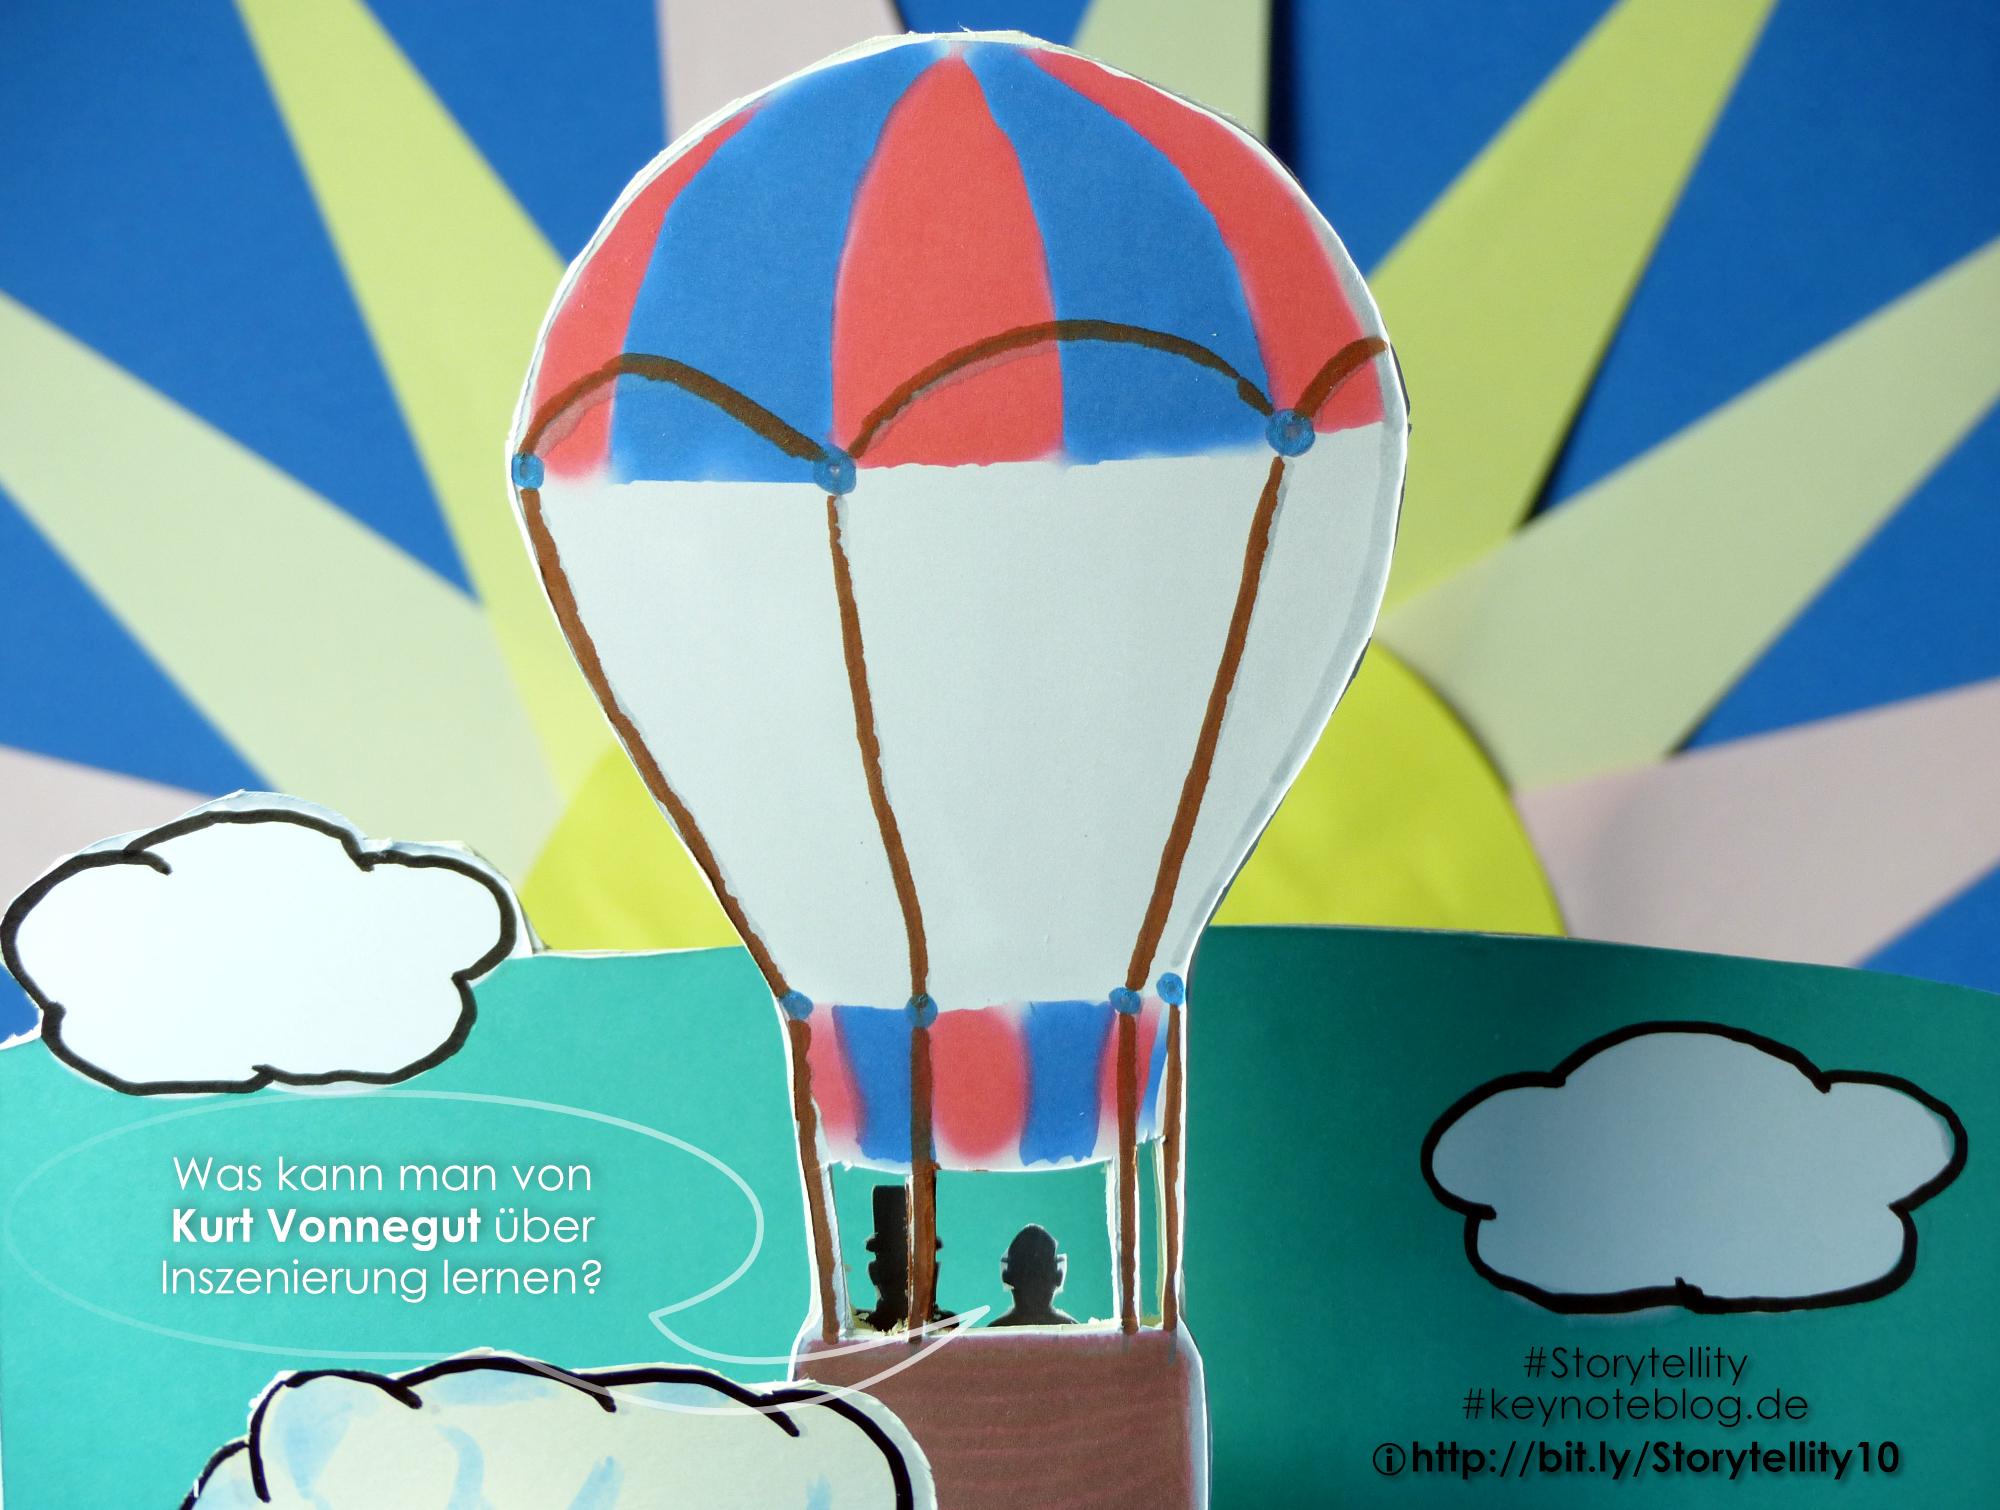 Heißlufballon im Gegenlicht sieht man die Siluetten von Phileas Fogg und Jean Passpartous